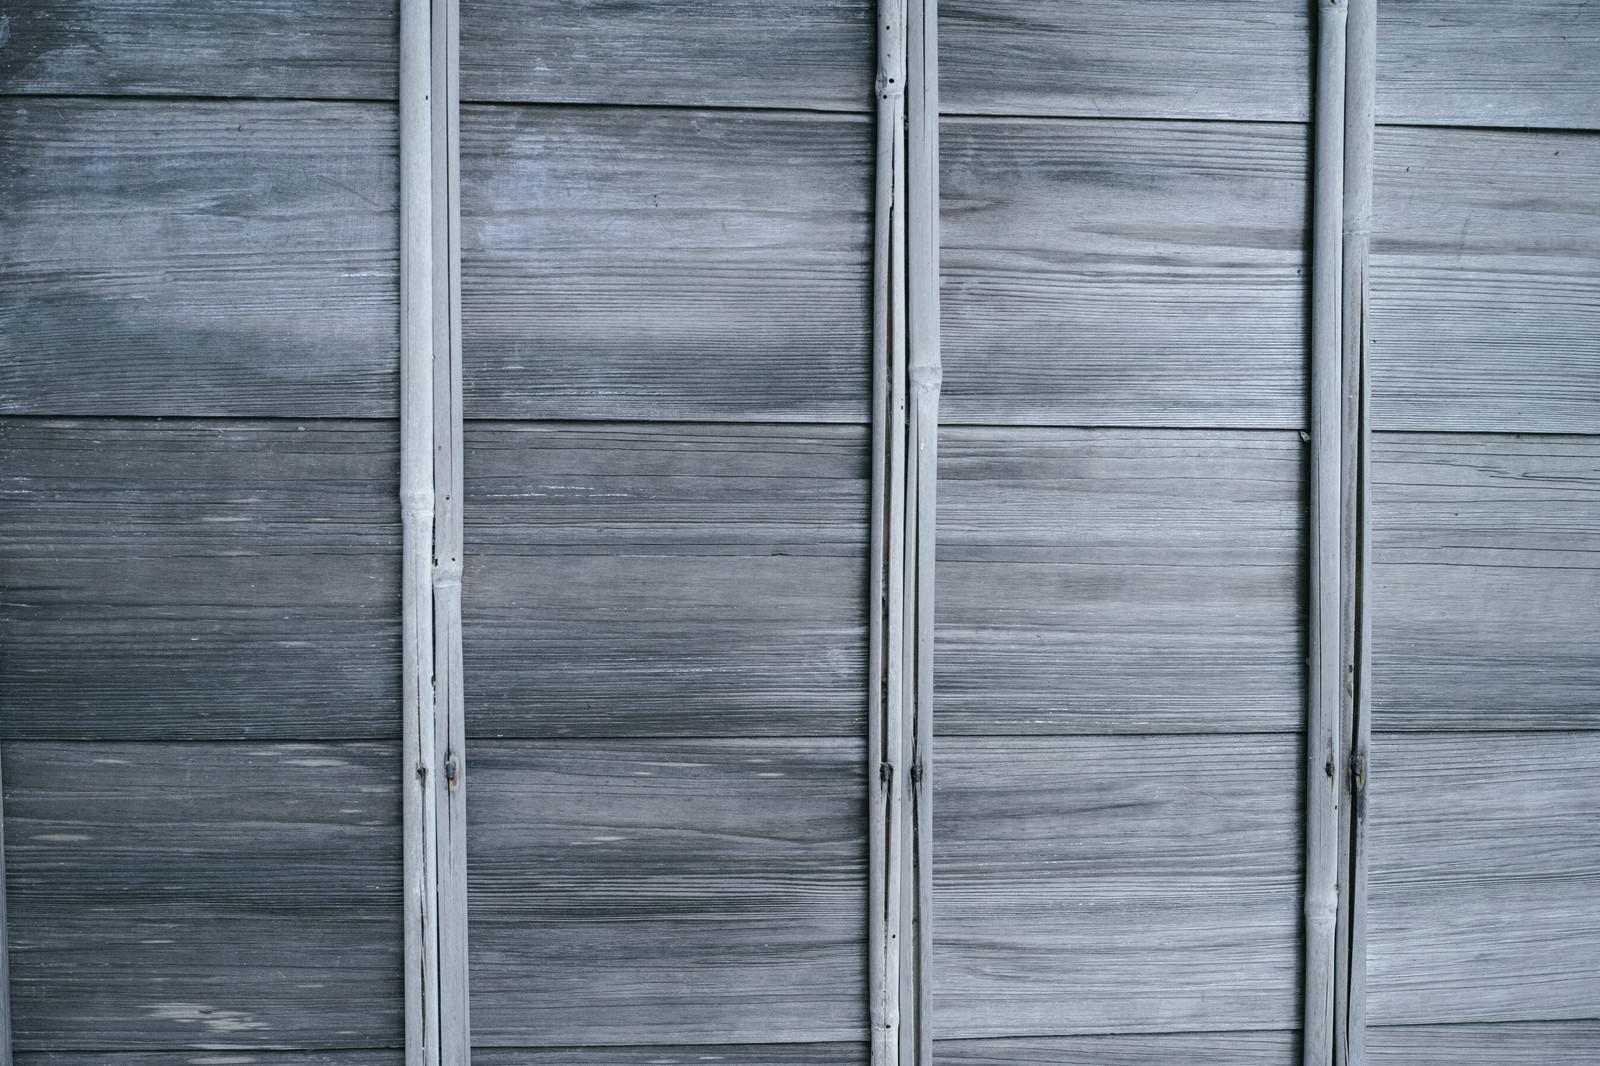 「木材で組み立てられた壁(テクスチャ)」の写真